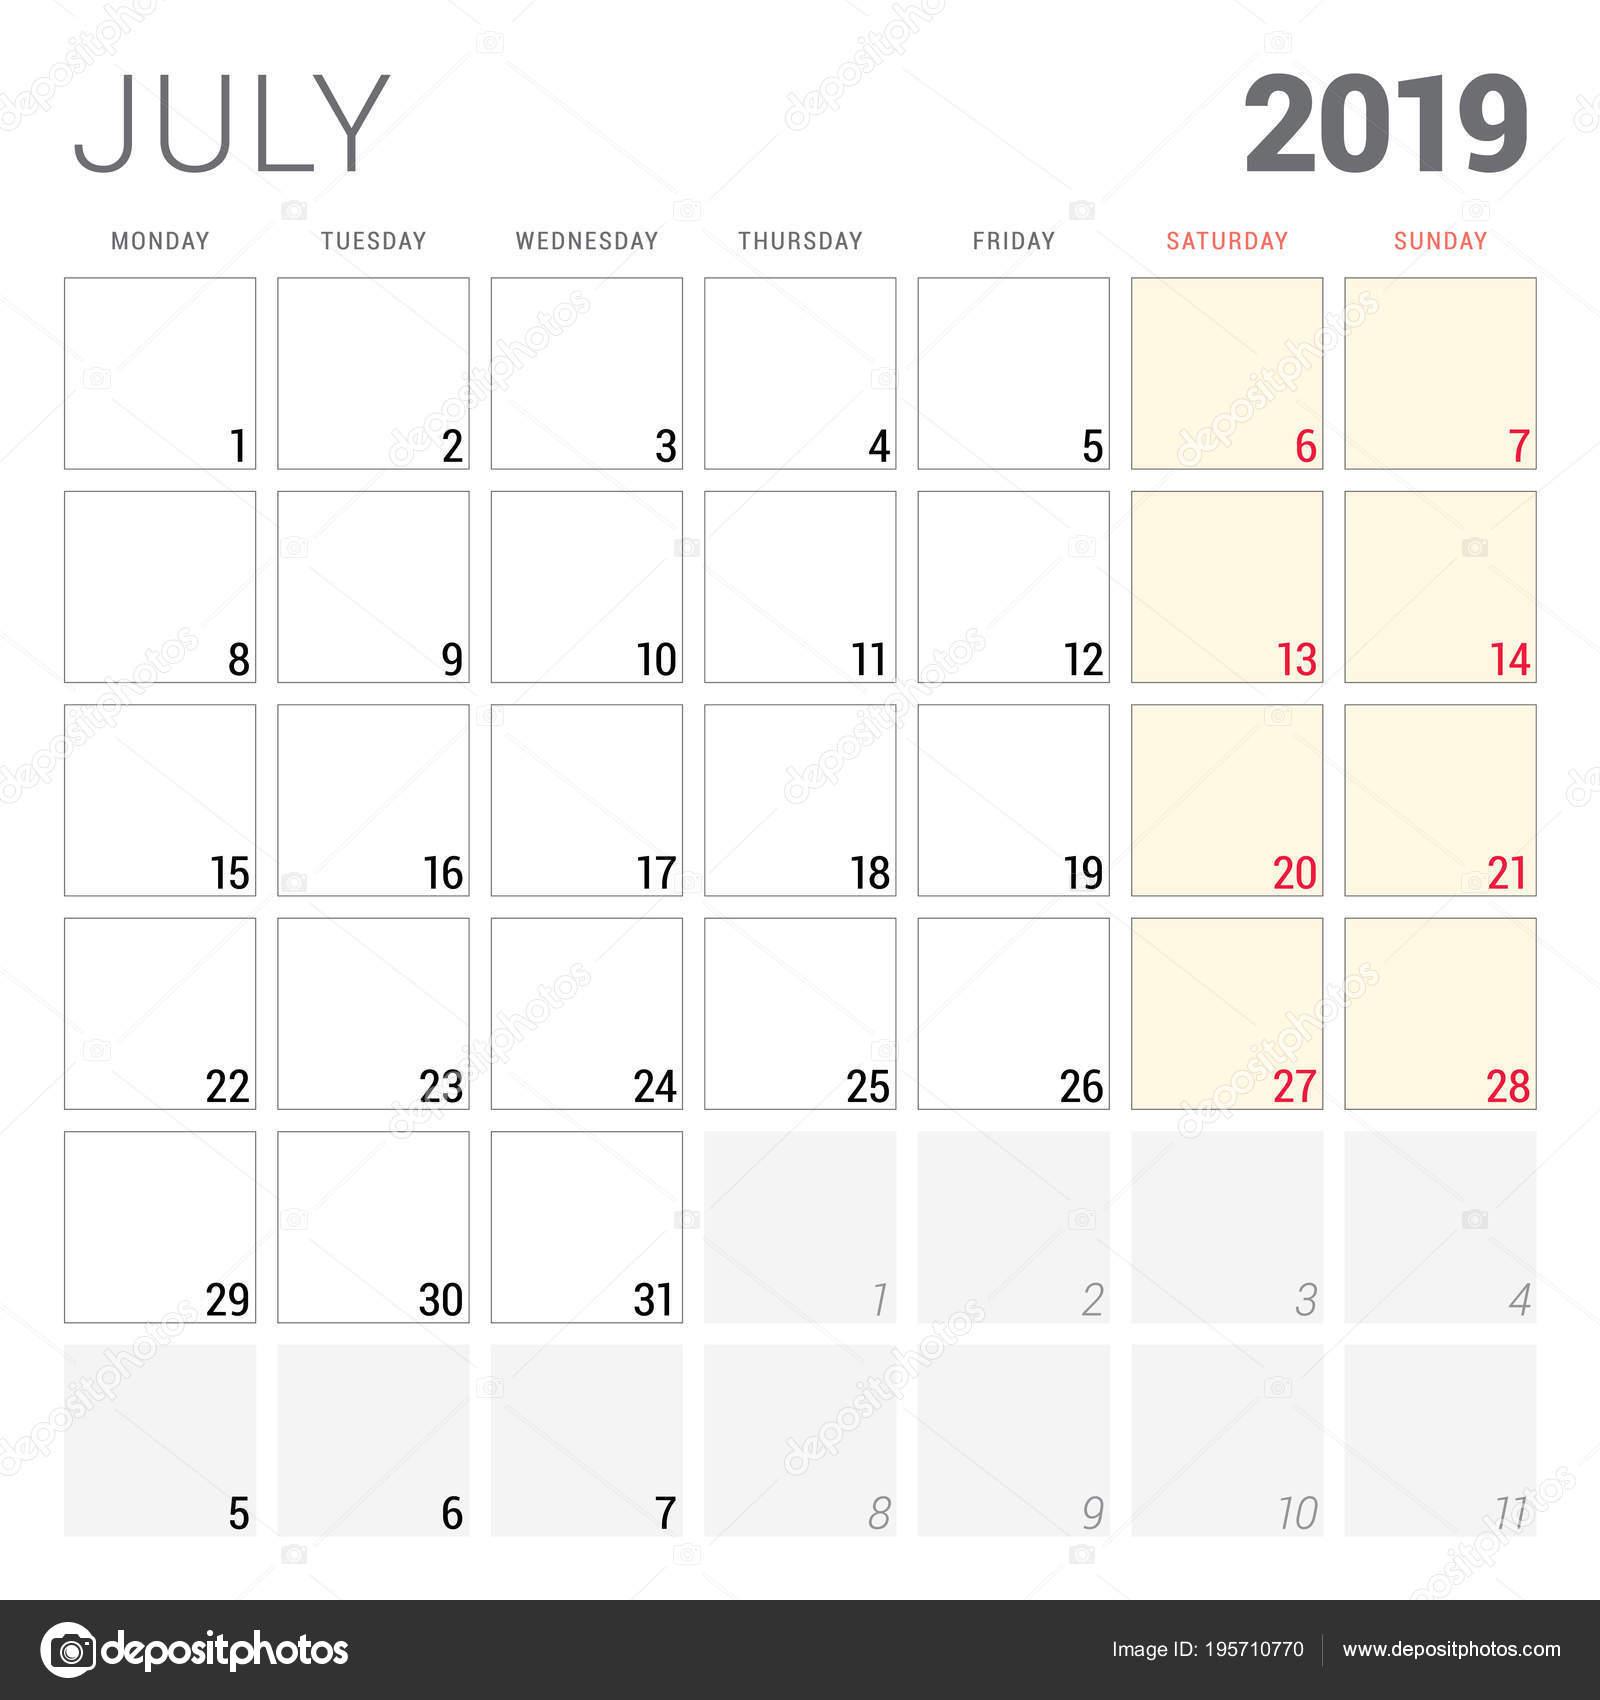 Calendario 31 Luglio 2019.Calendario Planner Per Luglio 2019 Settimana Inizia Il